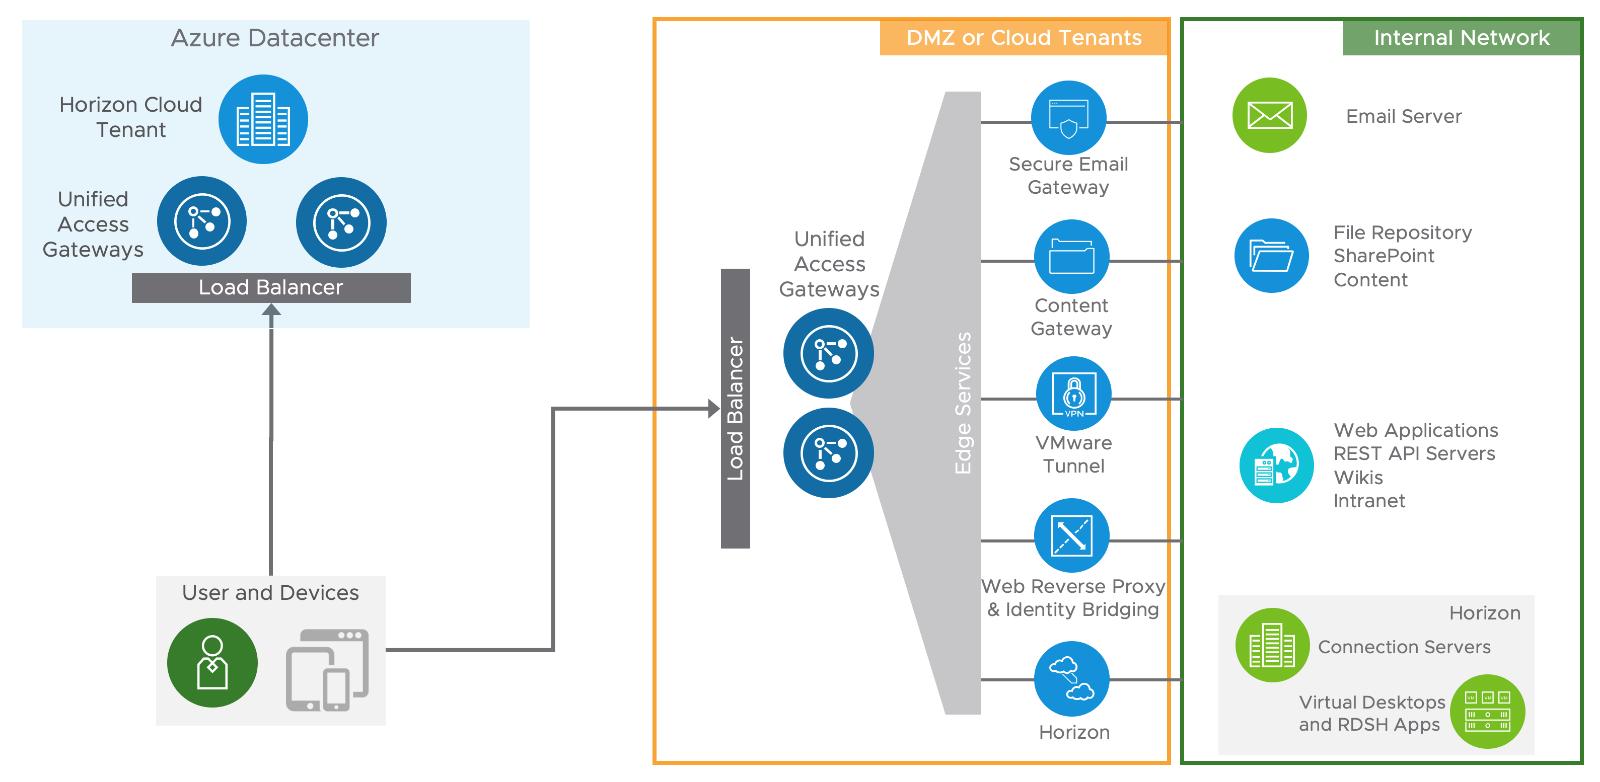 (desktop virtualization pros and cons, virtual desktop management best practices, multiple virtual desktops) (vmware unified access gateway deployment, vmware unified access gateway implementation, aws console url)